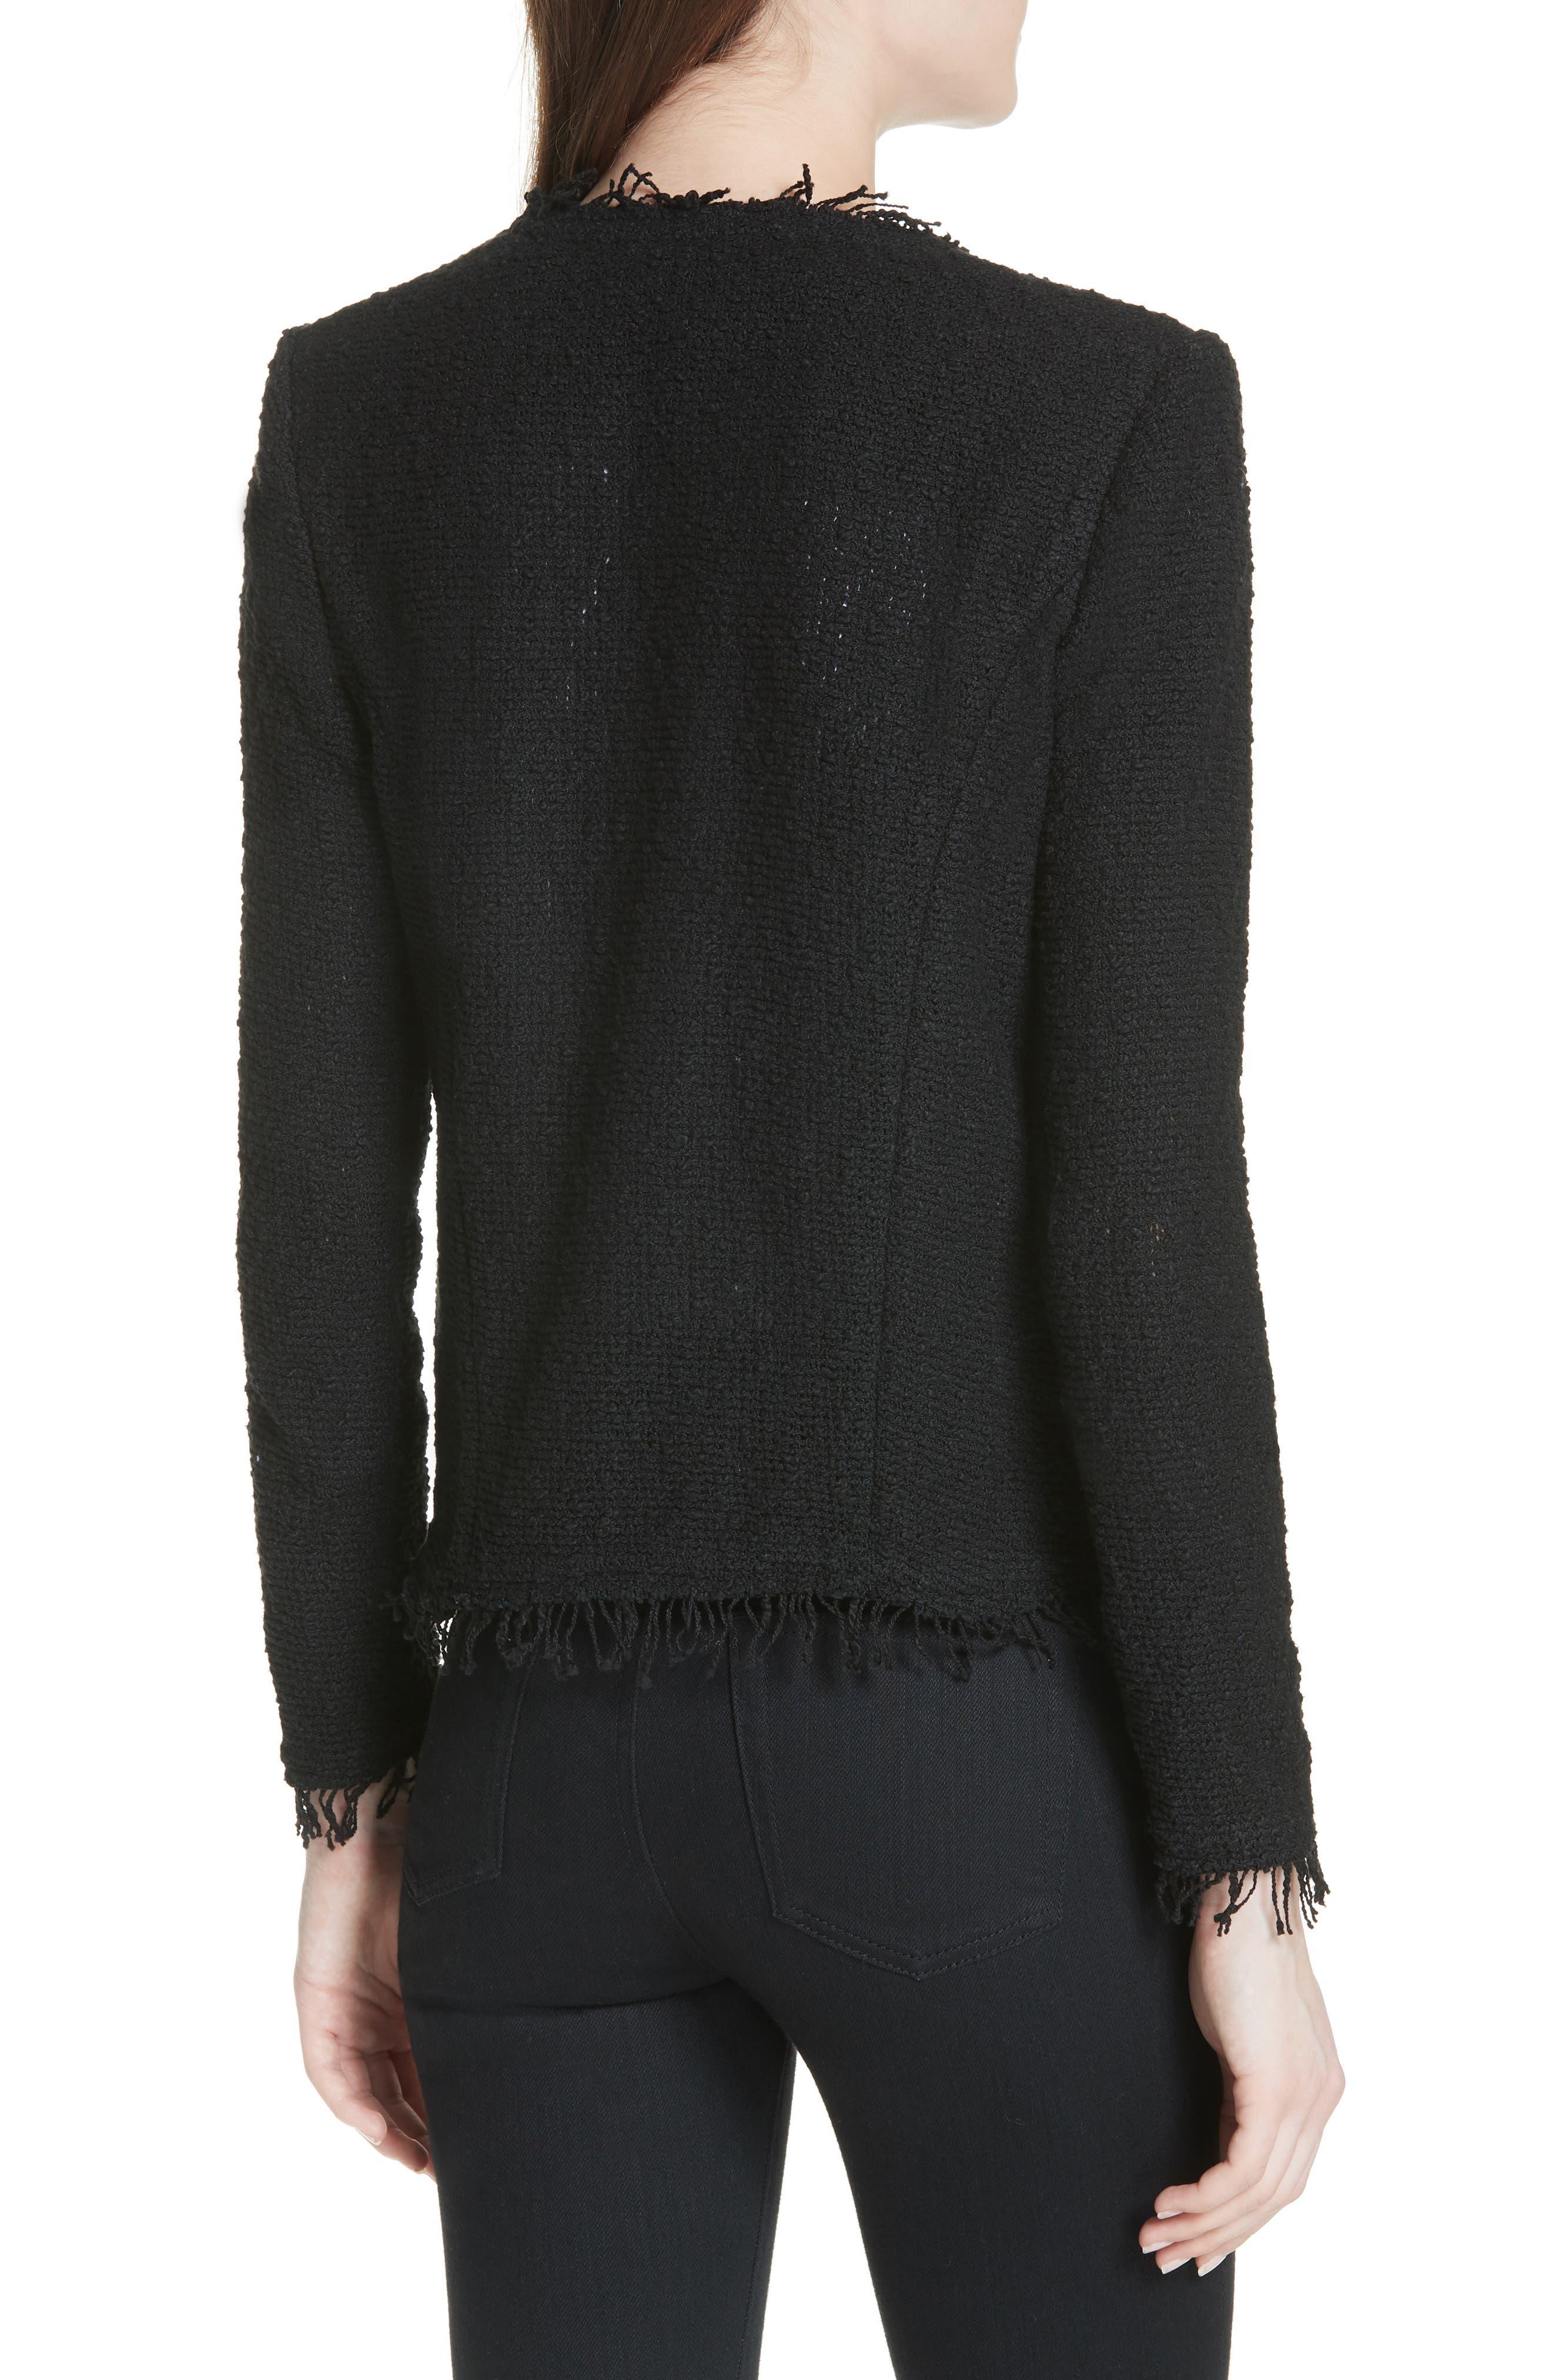 Shavani Tweed Jacket,                             Alternate thumbnail 2, color,                             Black